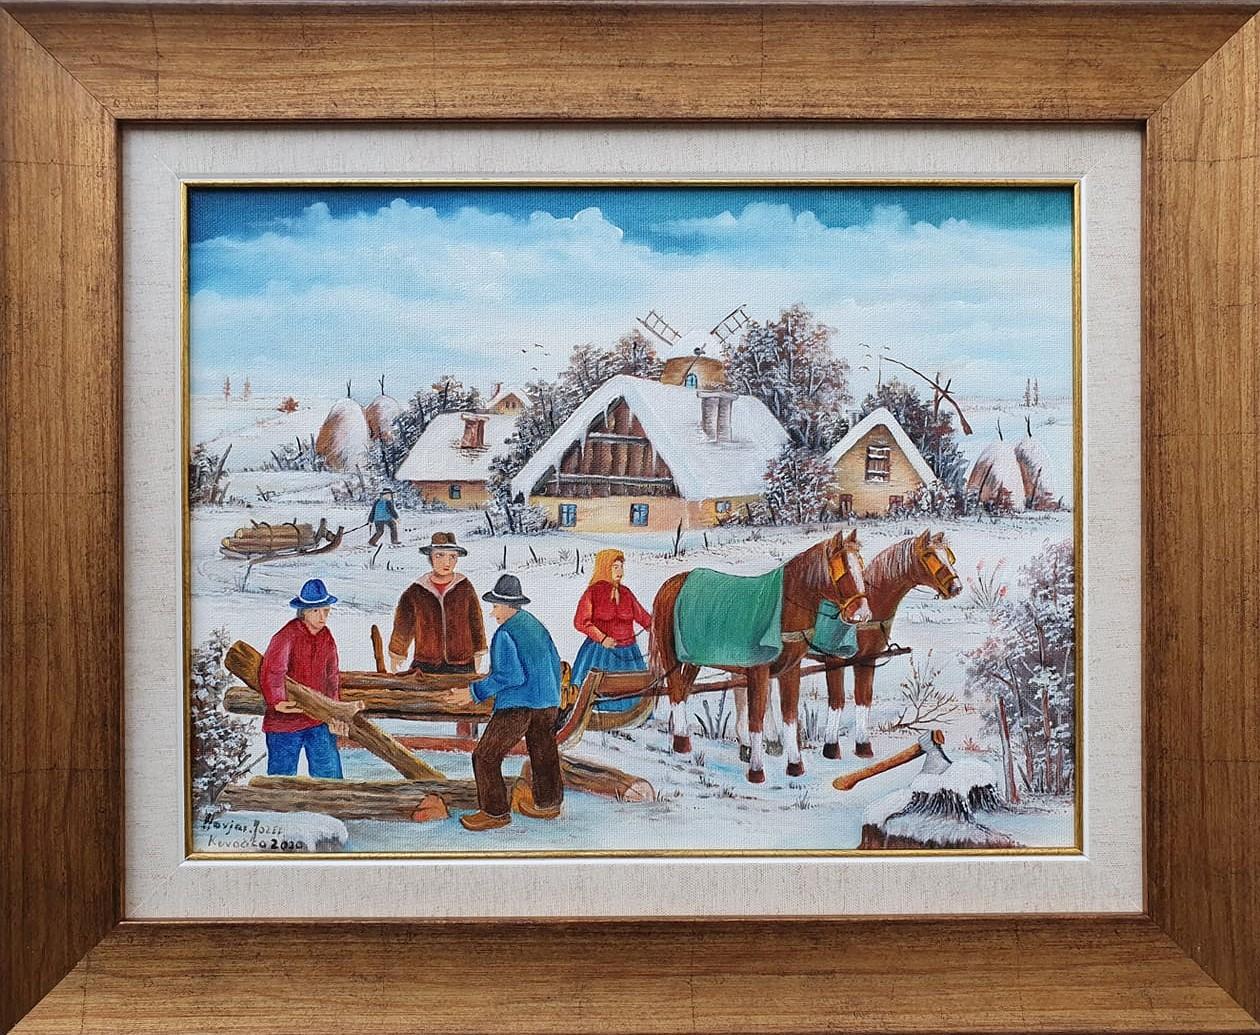 Sečenje drva, Jozef Havjar, Naiva Kovačica, ulje na platnu, uramljena, sa 46×56 cm, bez 30×40 cm, sertifikat, 350 eura